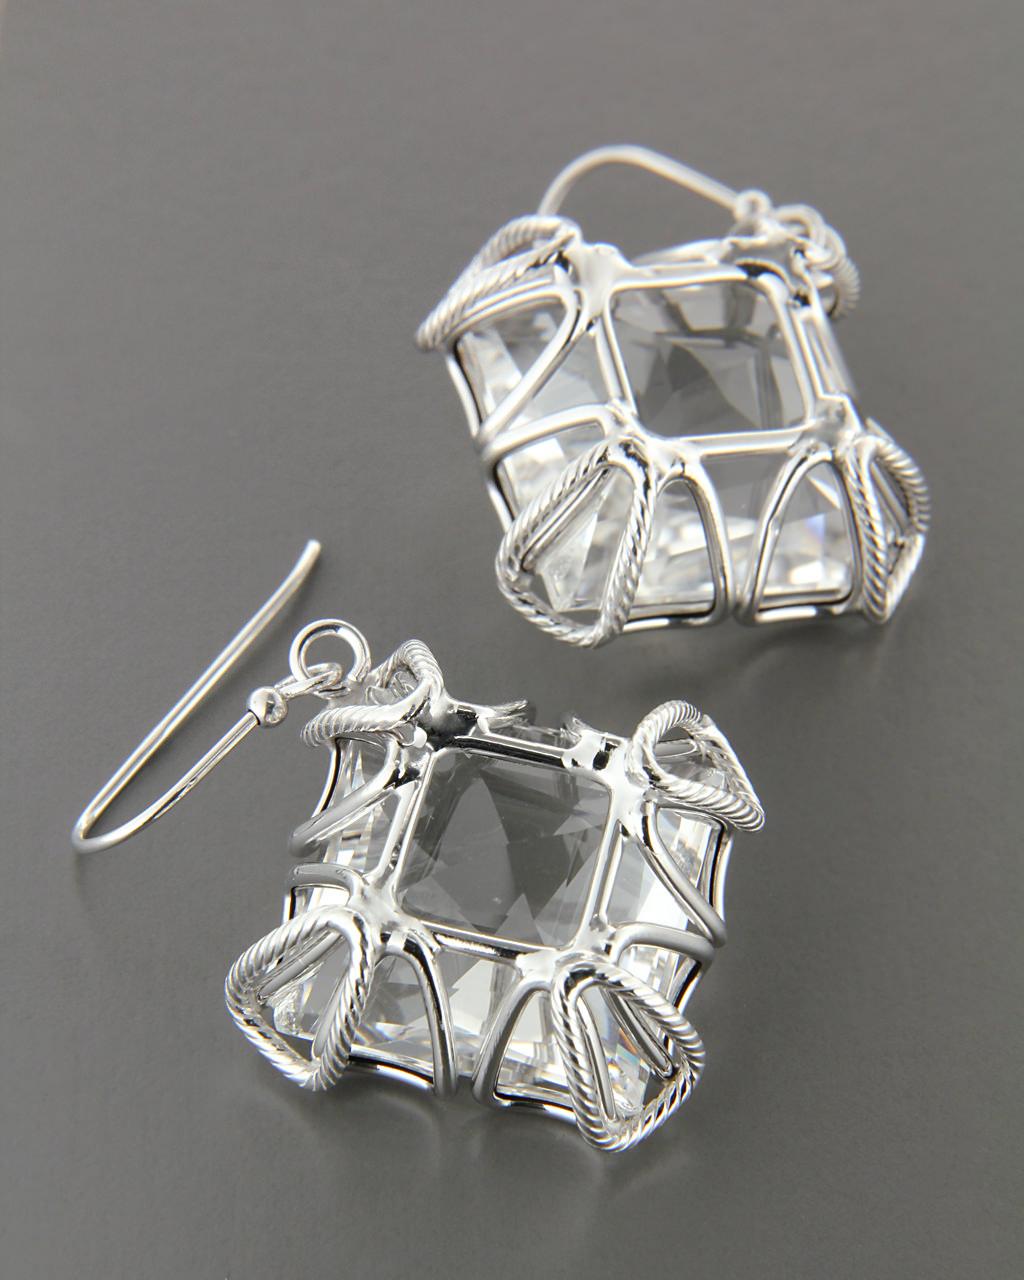 Σκουλαρίκια λευκόχρυσα Κ14 με Quartz   γυναικα σκουλαρίκια σκουλαρίκια ημιπολύτιμοι λίθοι